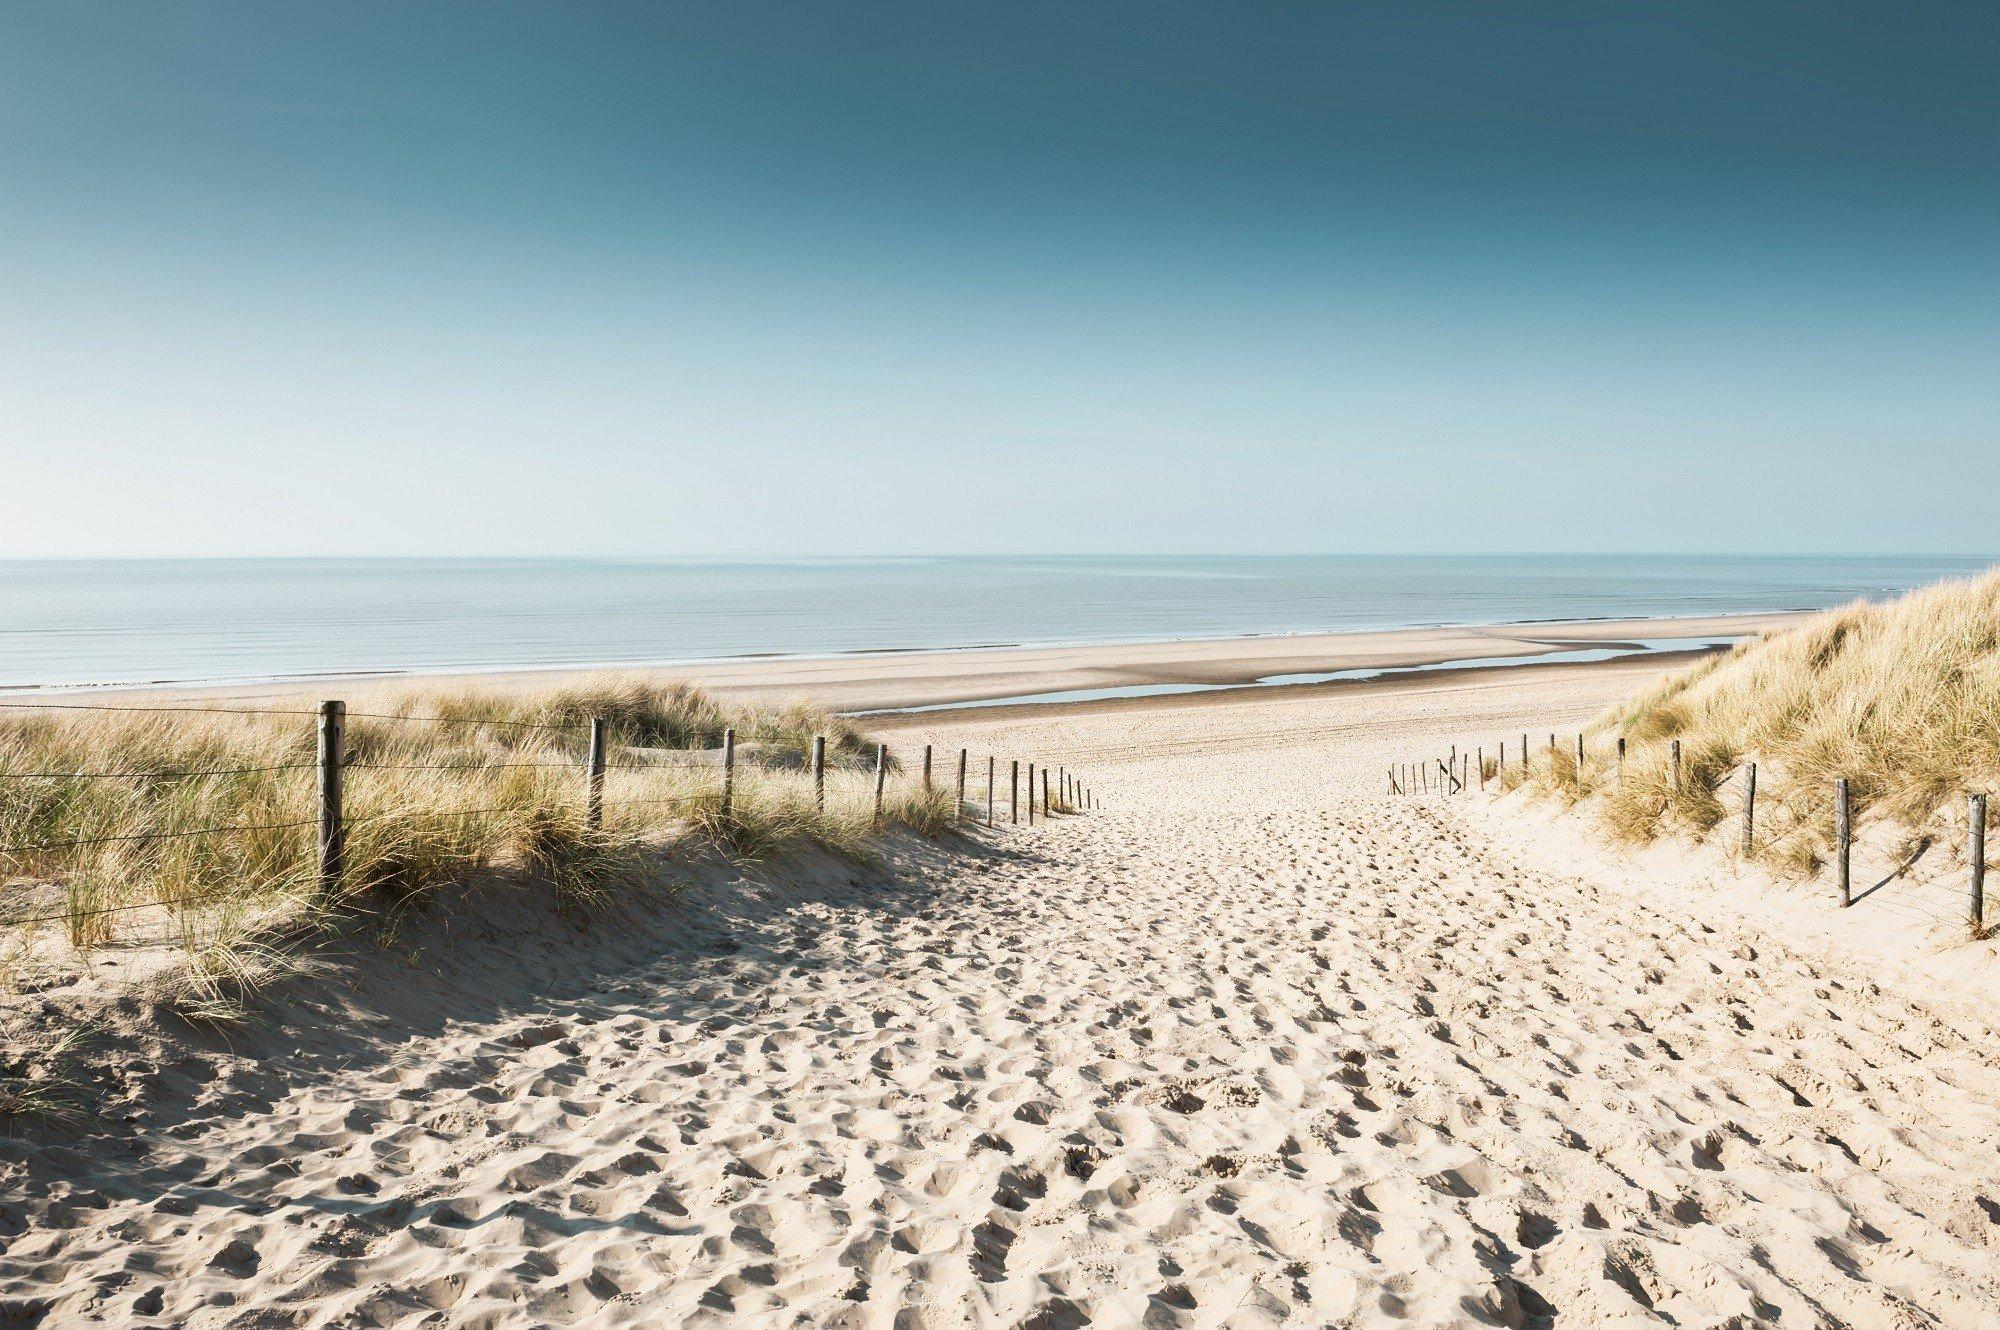 Dagaanbieding - FLASHDEAL ⚡ 3 of 4 dagen 4*-Van der Valk hotel bij Noordwijk strand en Leiden incl. ontbijt dagelijkse koopjes